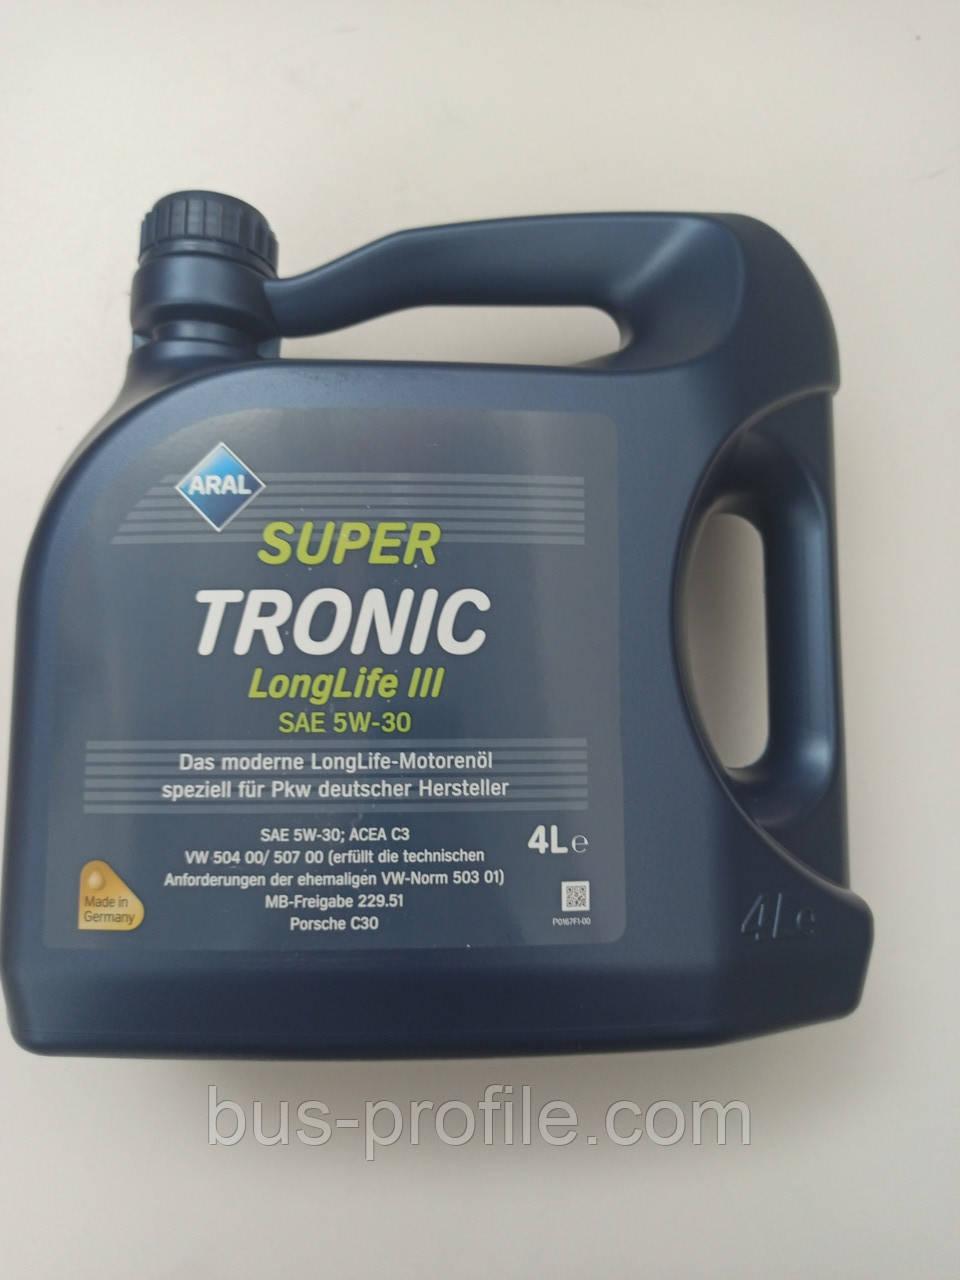 Масло Super Tronic LL III 5W30, 4L VW 504 00/507 00 MB229.51 BMW  — Aral — AR-15C31A